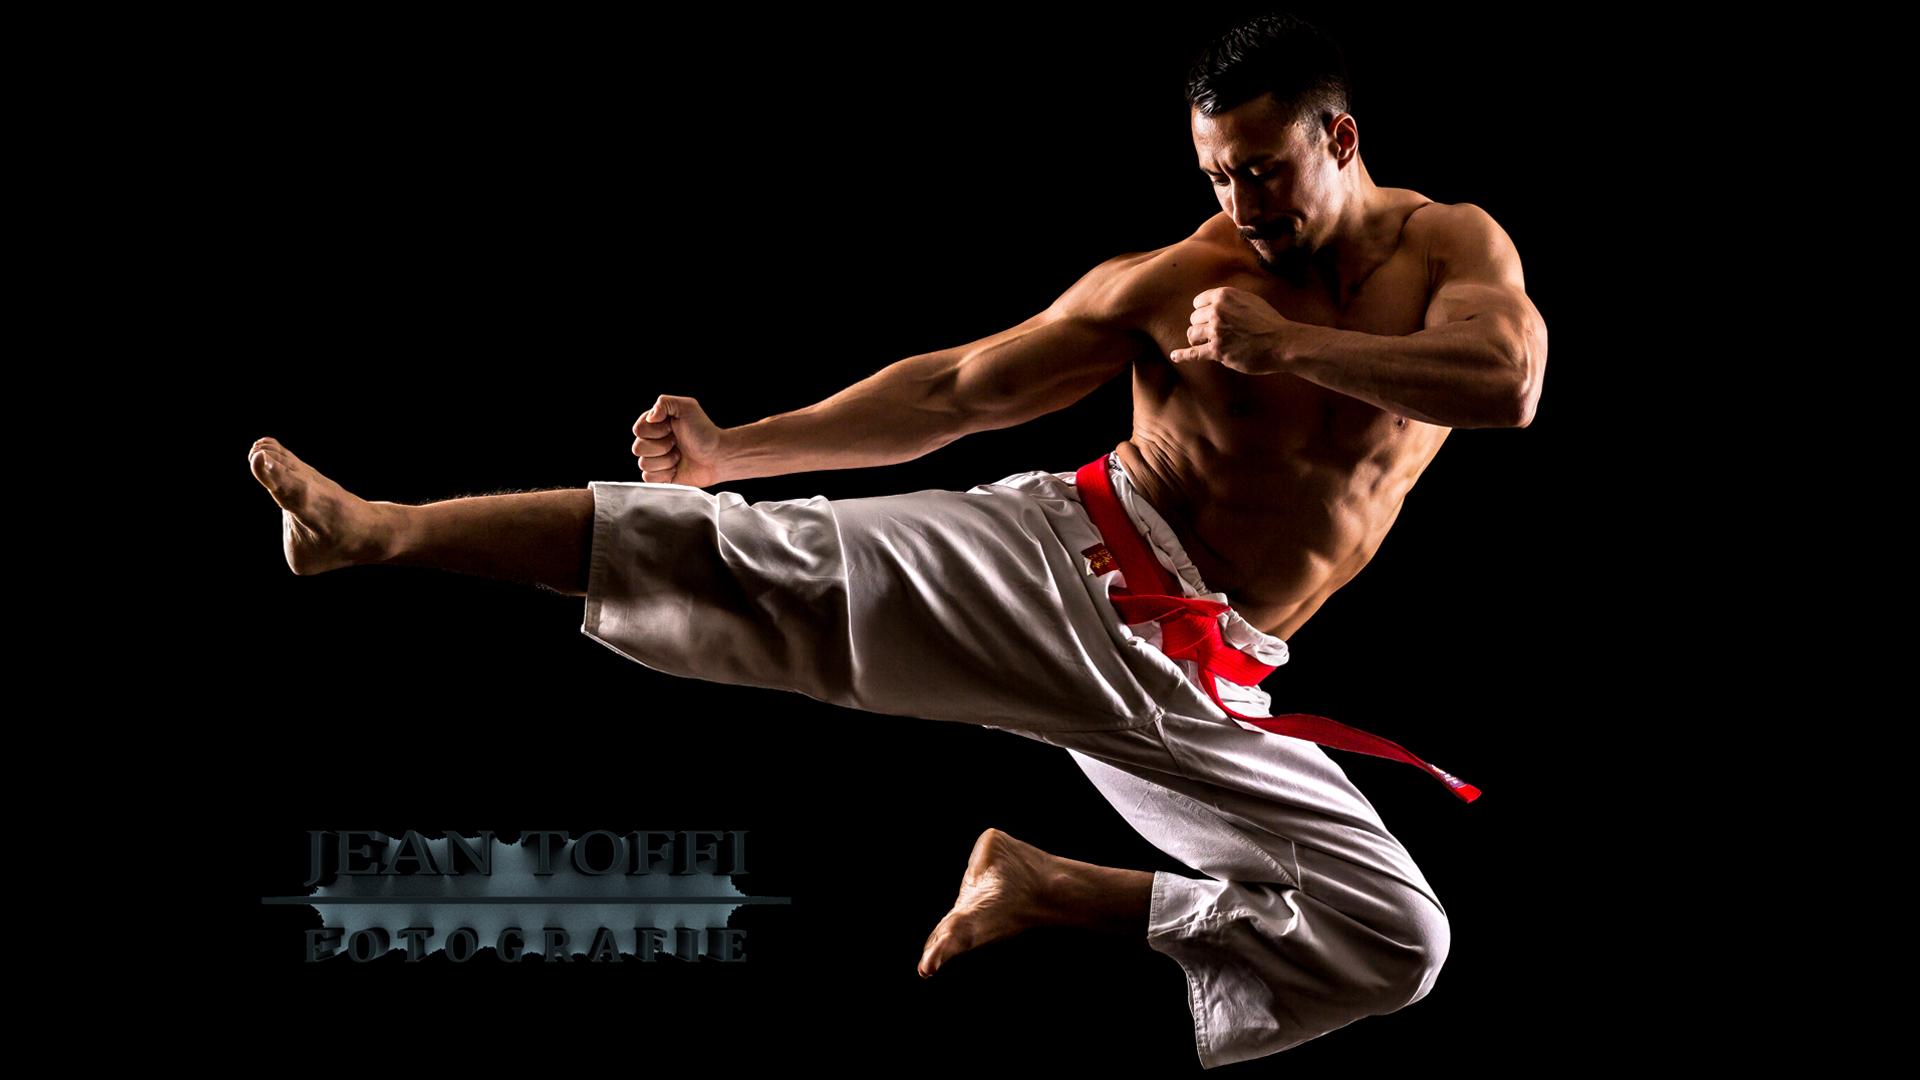 Kampfsport Wallpaper